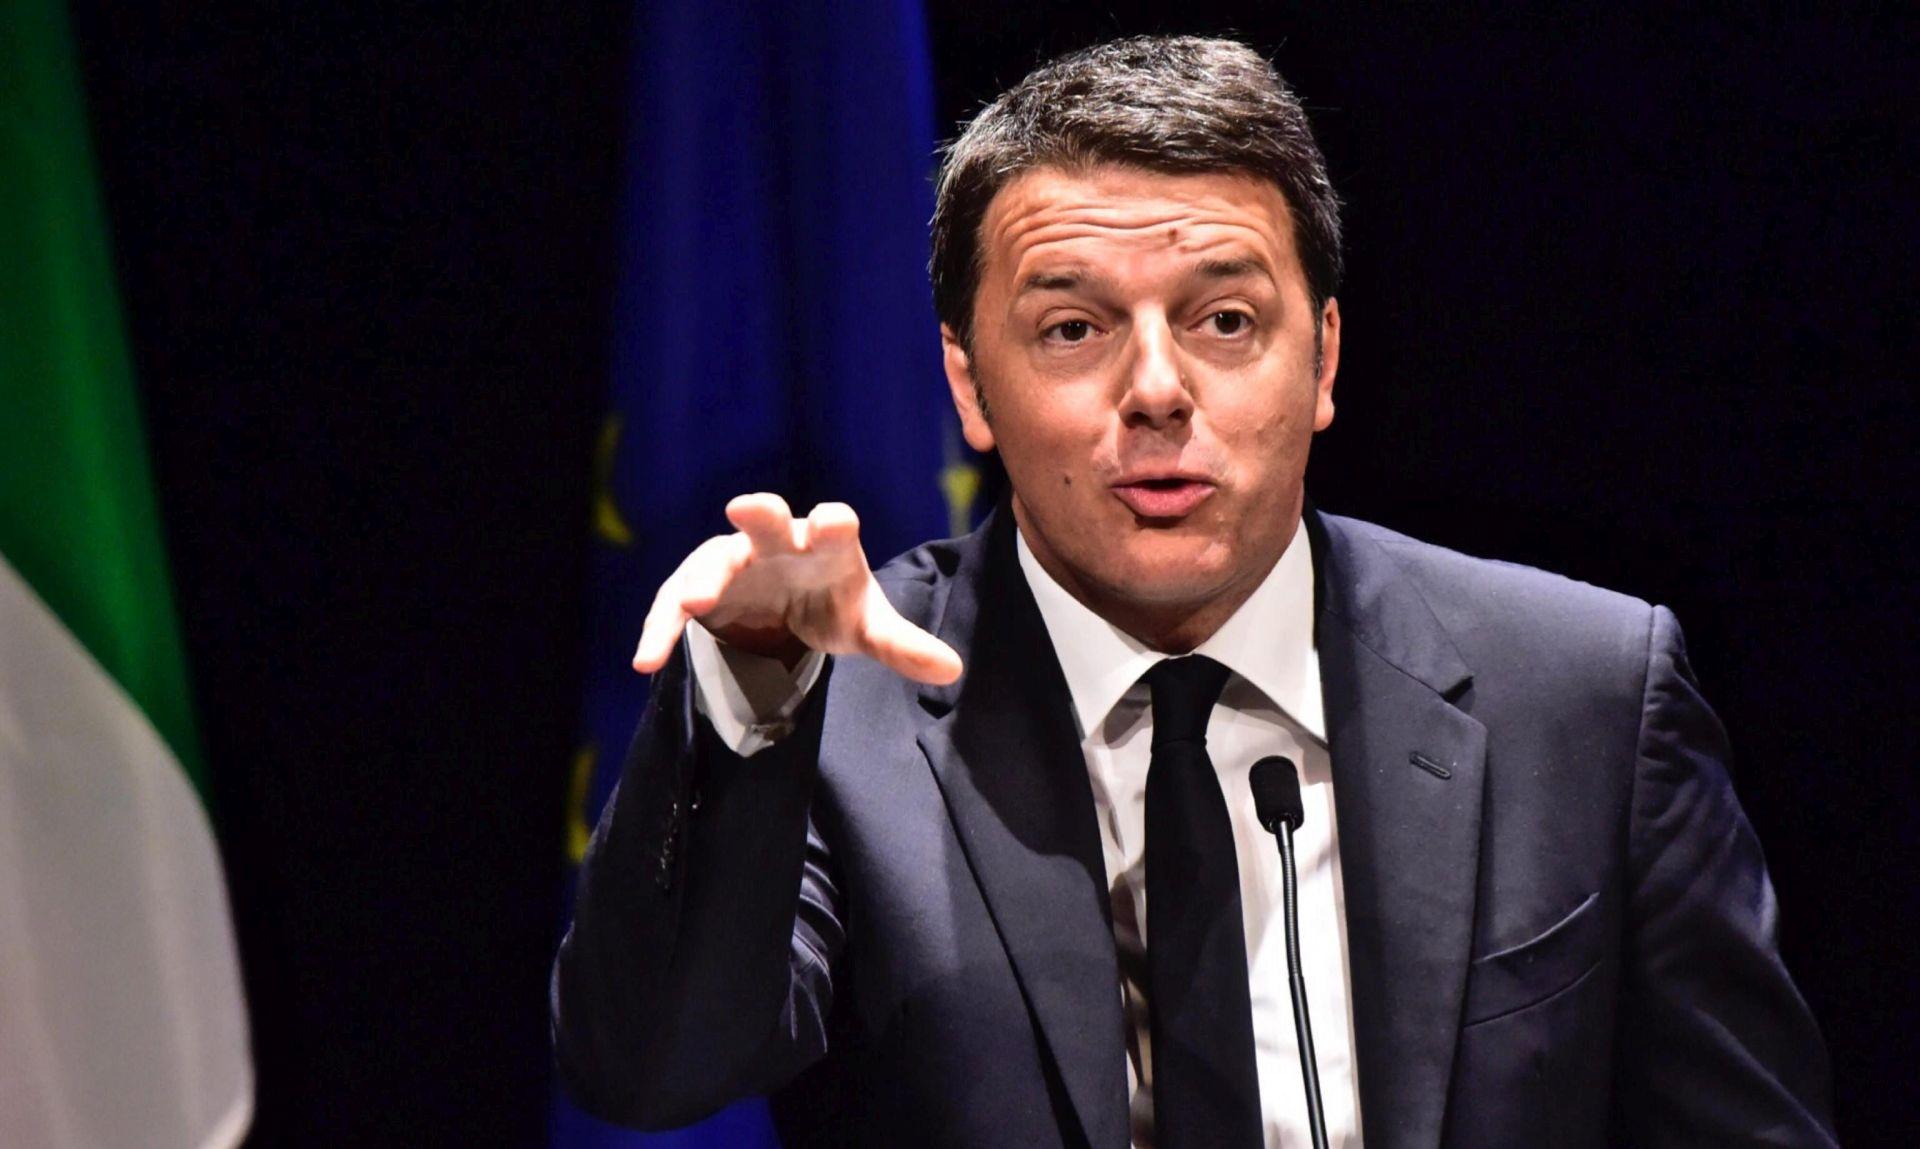 """Renzi kaže da bi austrijska ograda na granici mogla """"probuditi duhove iz prošlosti"""""""